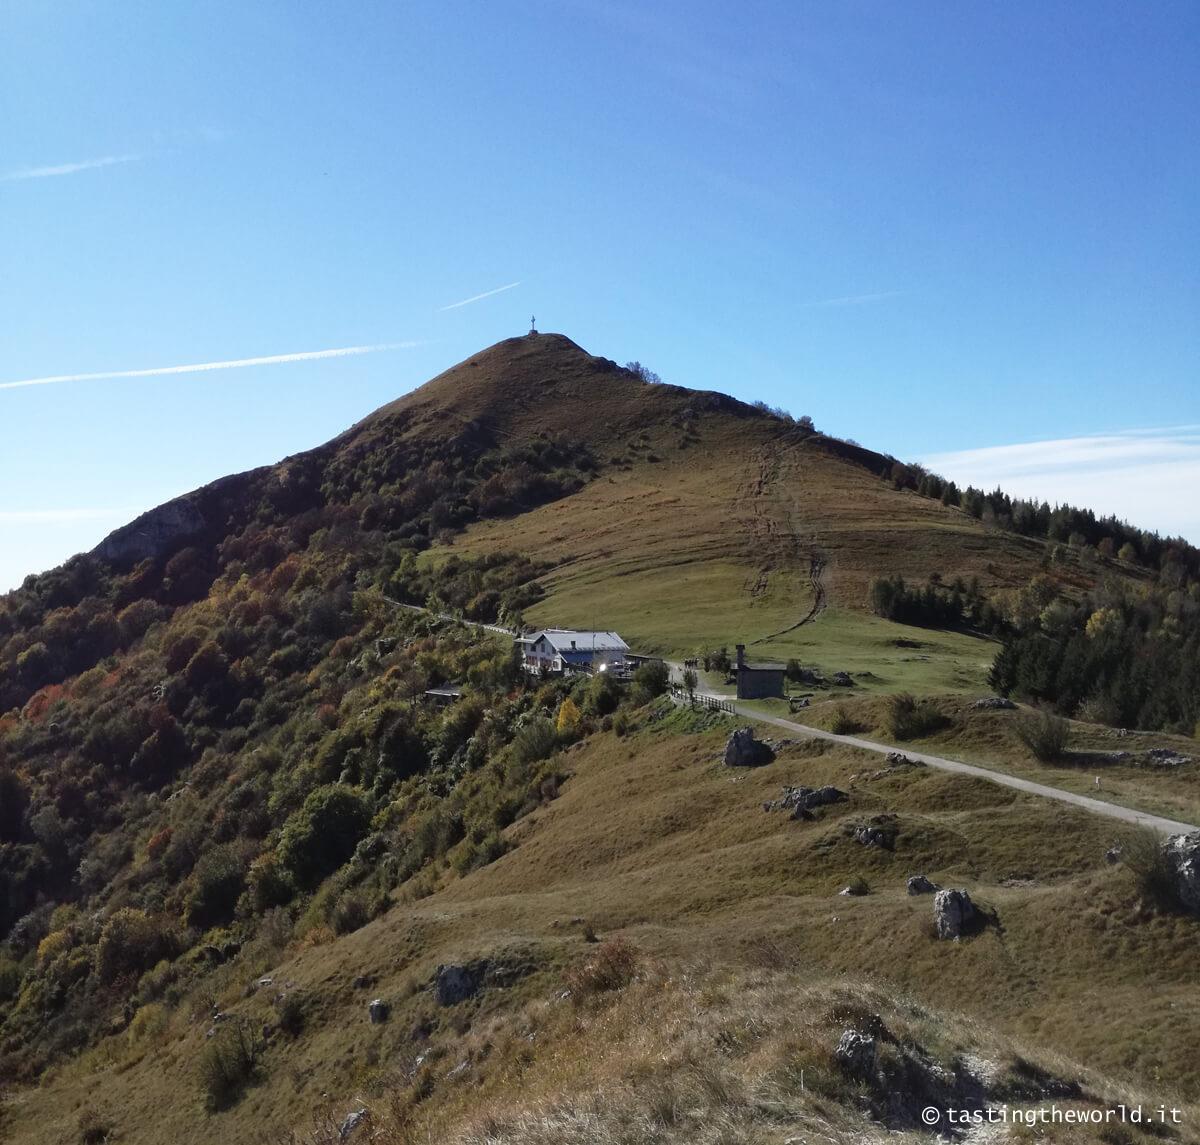 Monte Cornizzolo vetta e rifugio Marisa Consiglieri